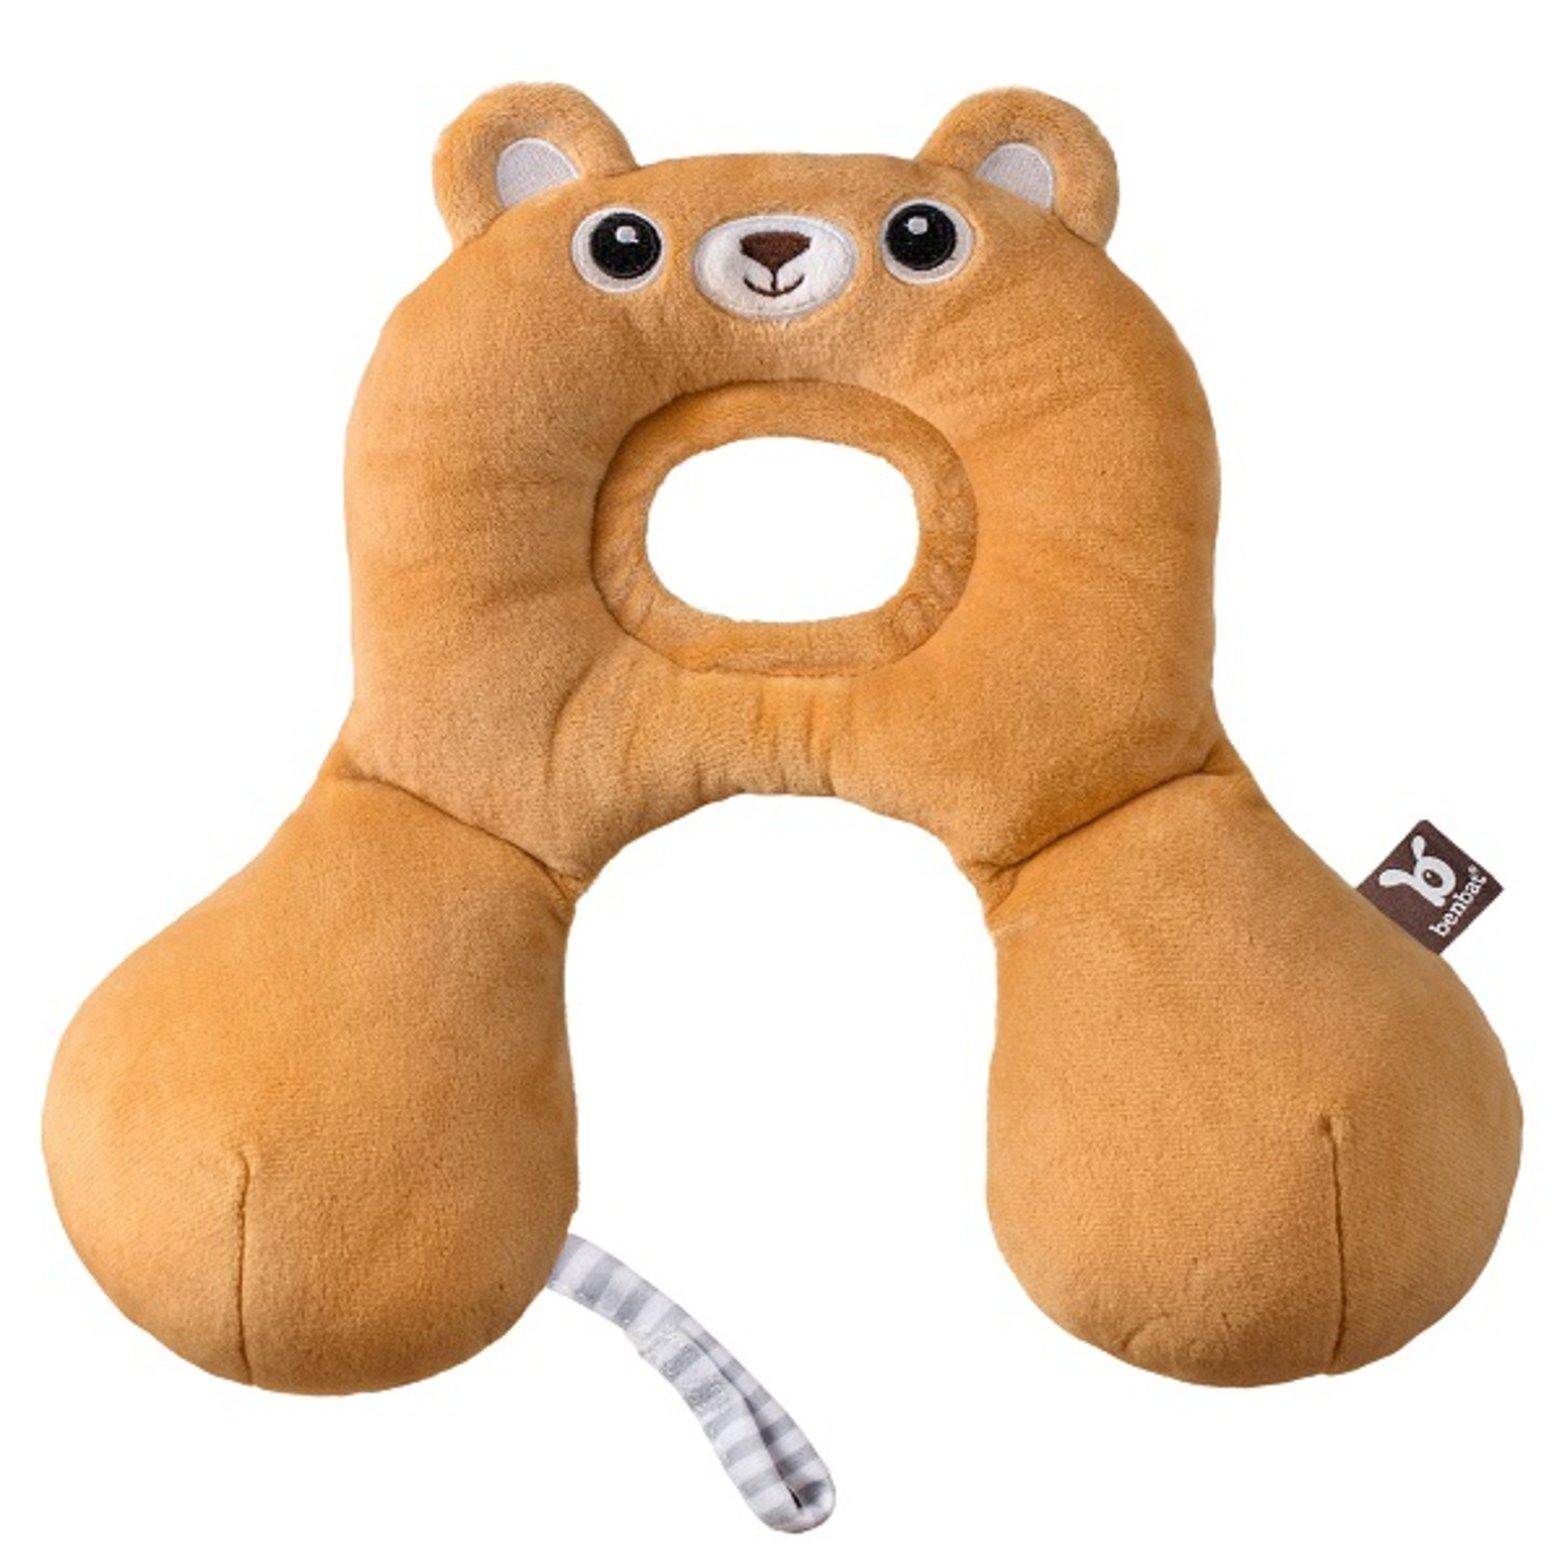 Zákrčník pro malé děti s opěrkou hlavý od 0-13kg medvídek